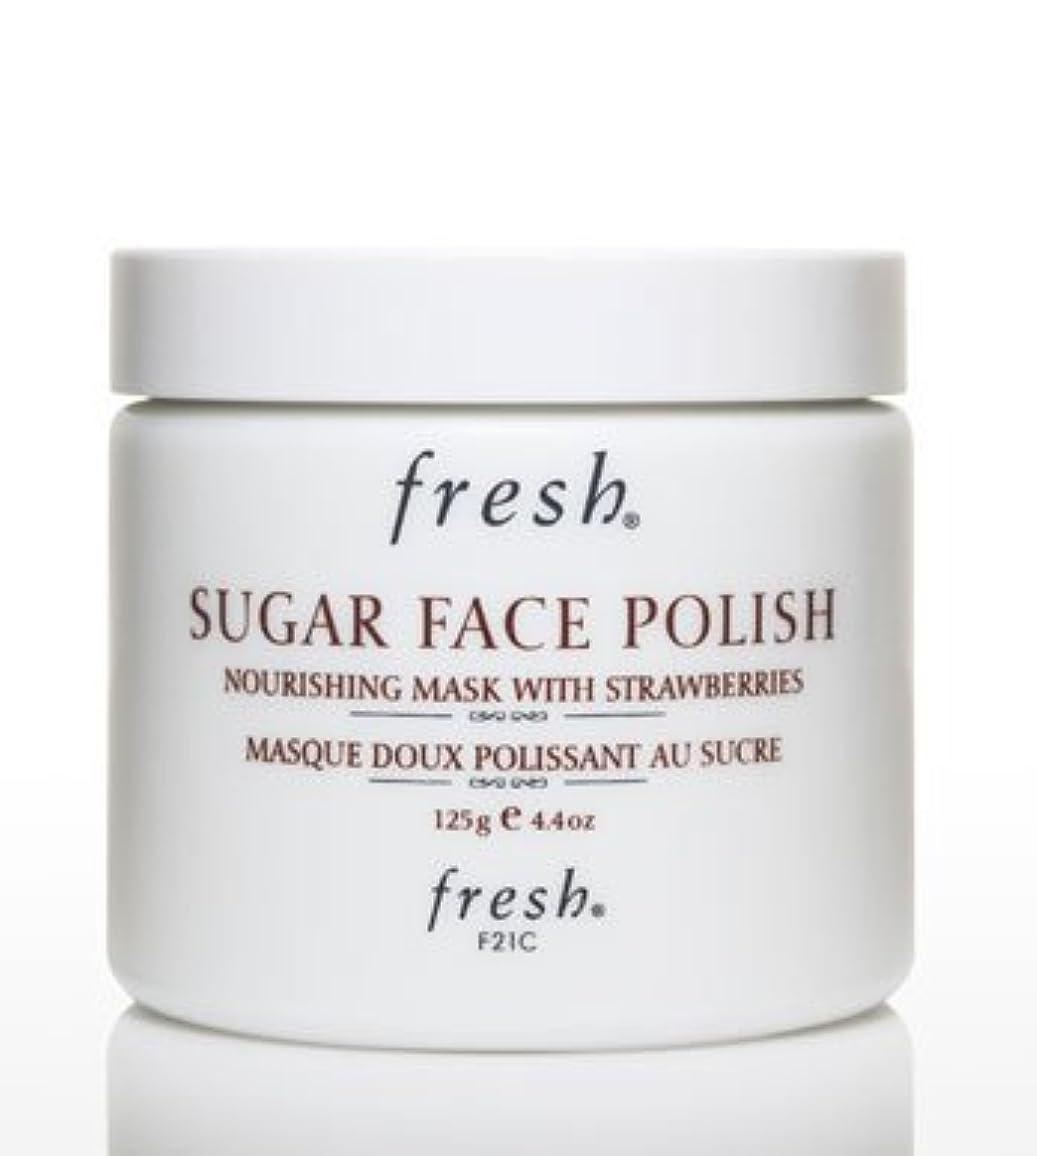 コスチュームアマゾンジャングル協力Fresh SUGAR FACE POLISH (フレッシュ シュガーフェイスポリッシュ) 4.2 oz (125g) by Fresh for Women